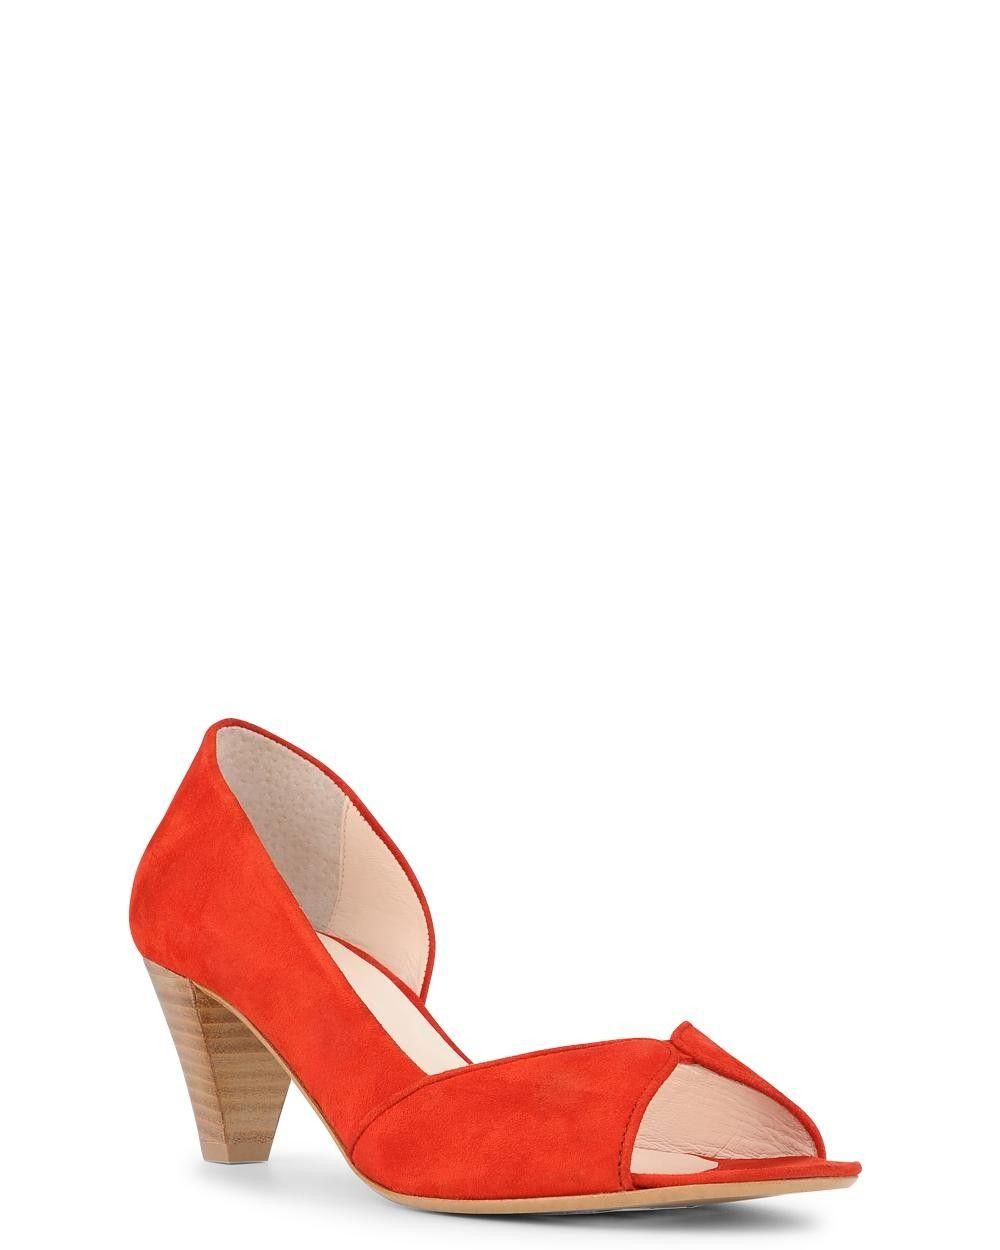 c10c4eb15b Femme - La Collection chaussures - Toutes les chaussures - Sandale -  Mélodie - Fraise